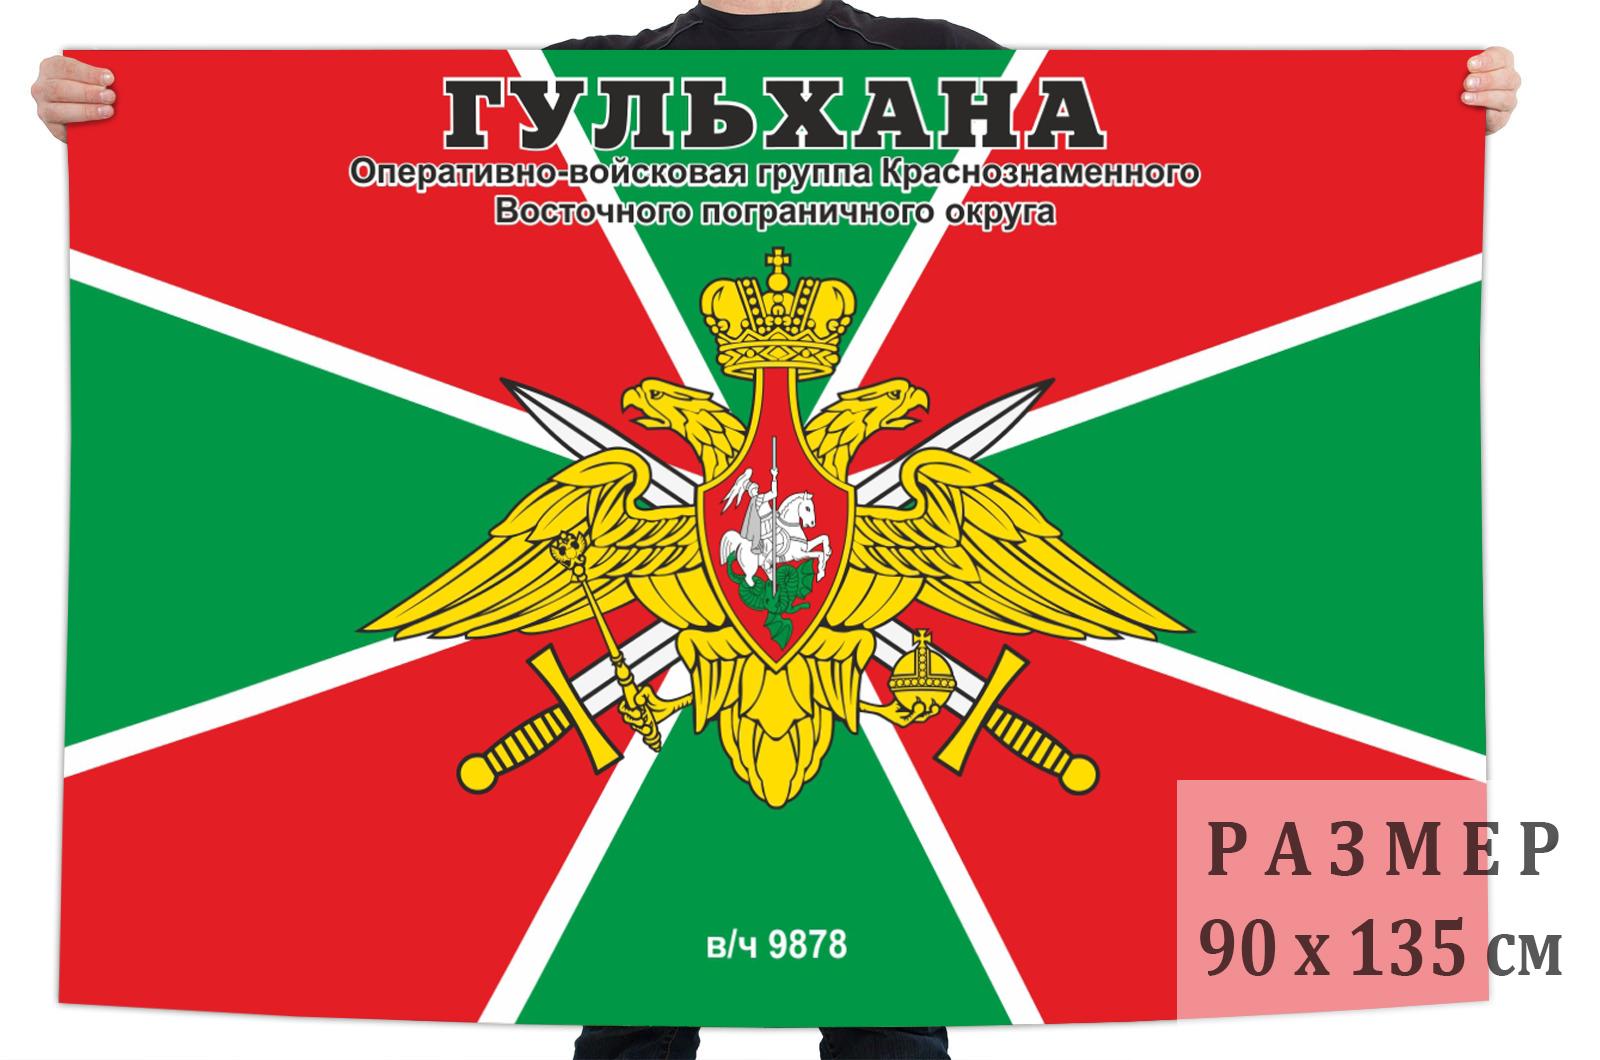 Флаг ОВГ Восточного пограничного округа